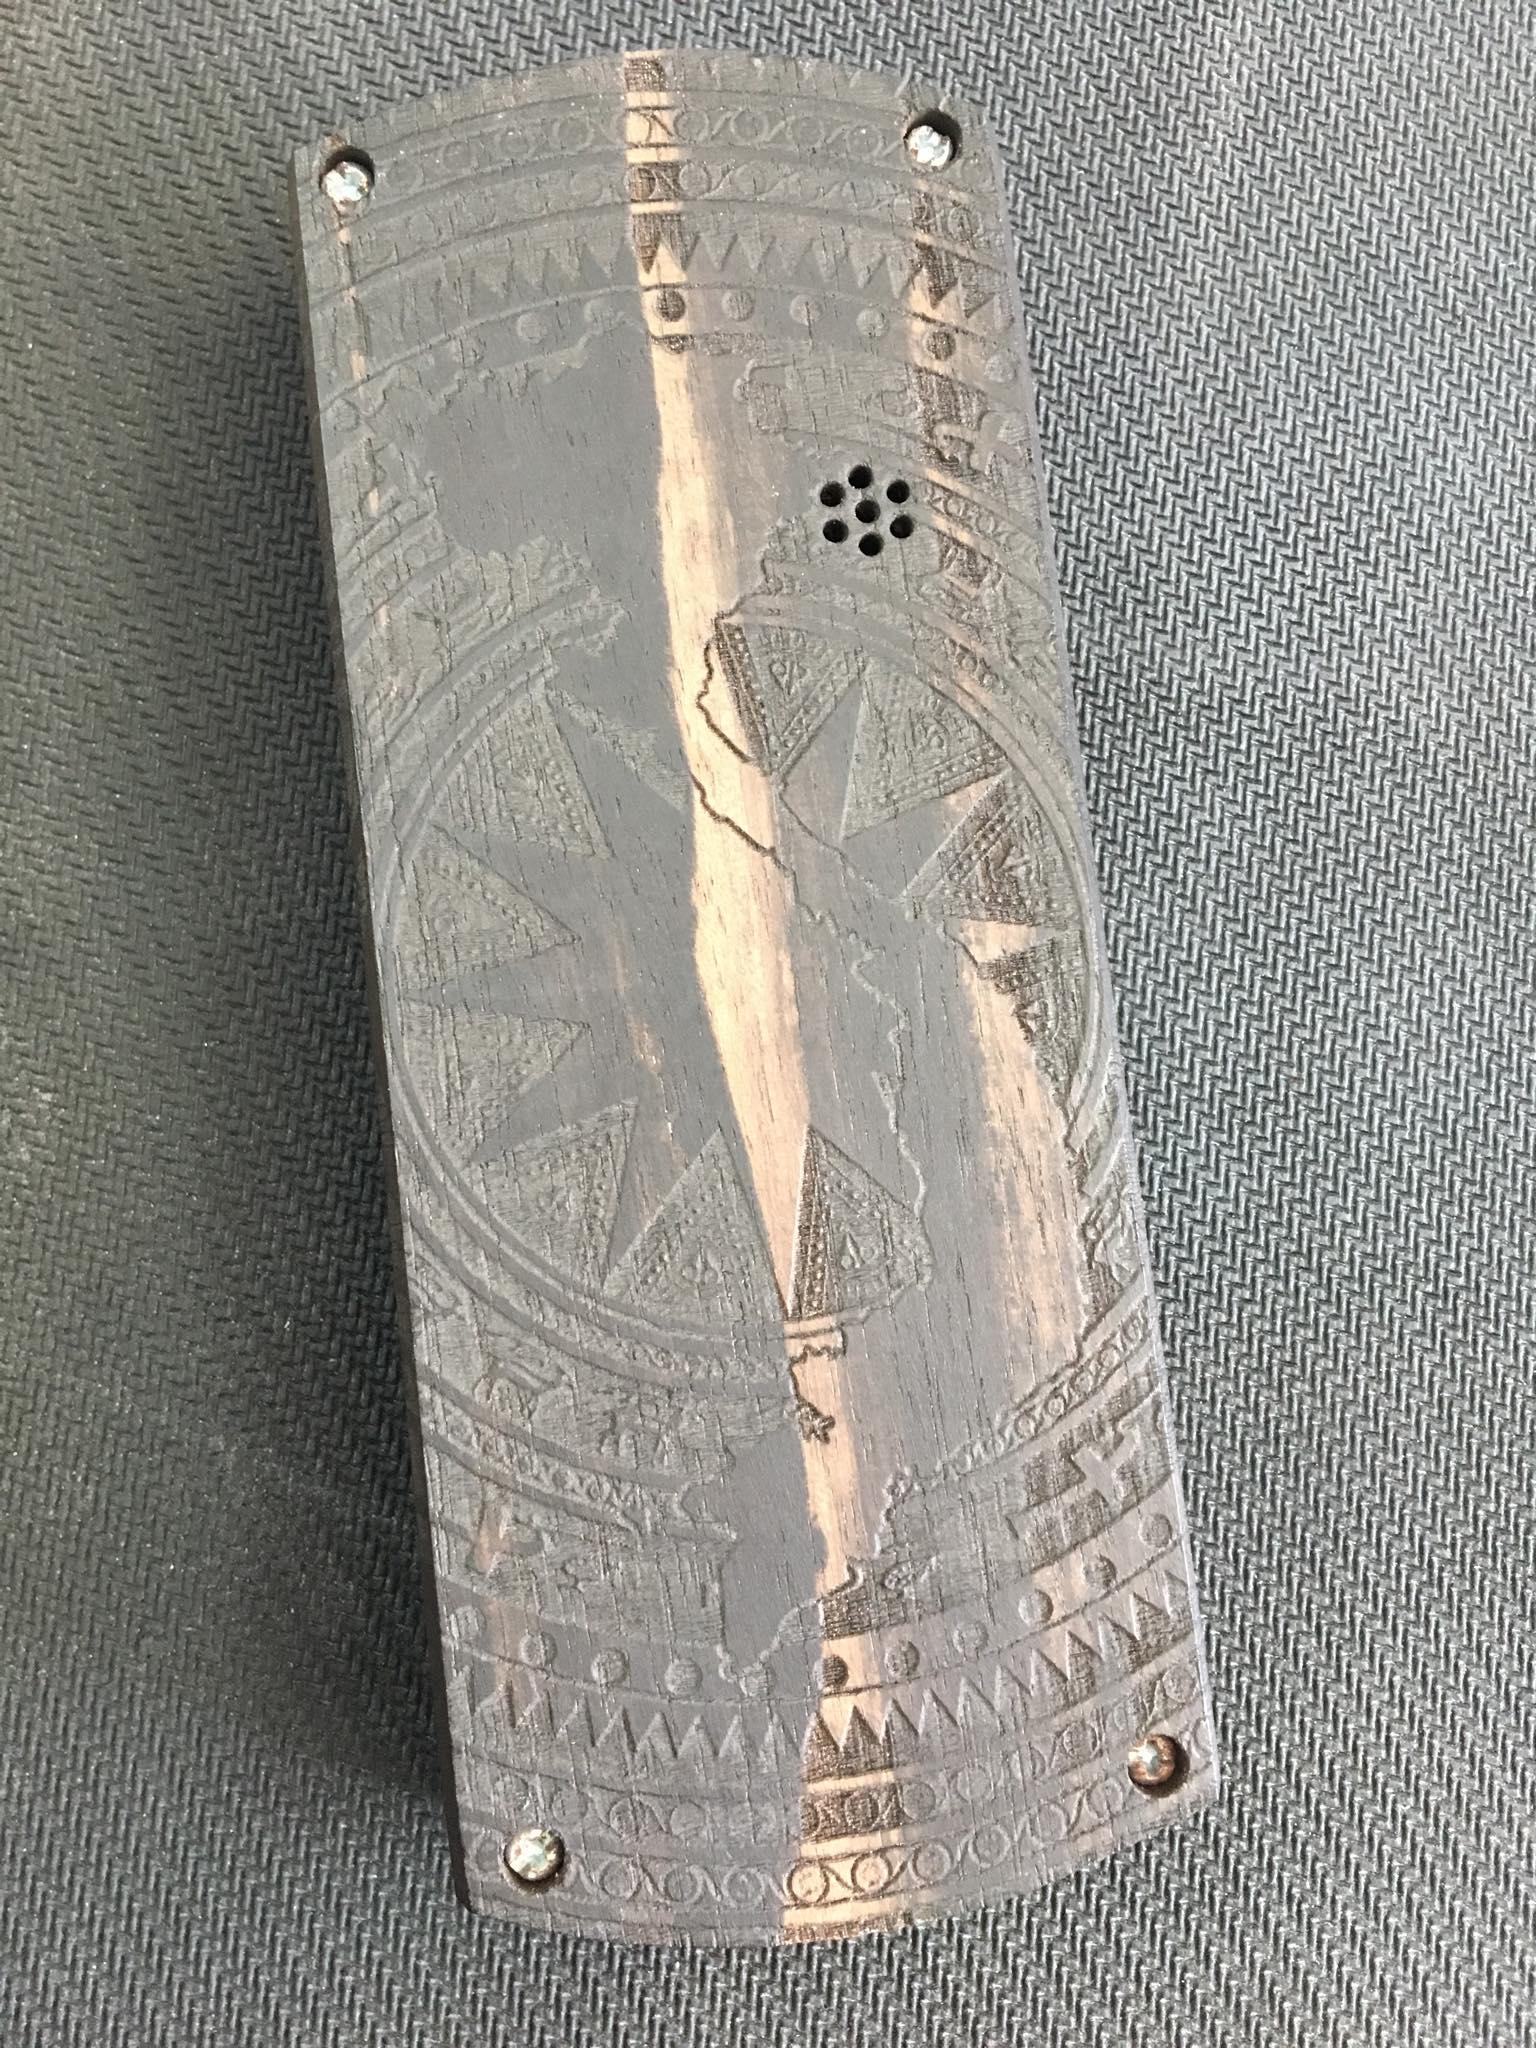 Vỏ gỗ cho điện thoại Nokia 1280 mẫu trống đồng xịn